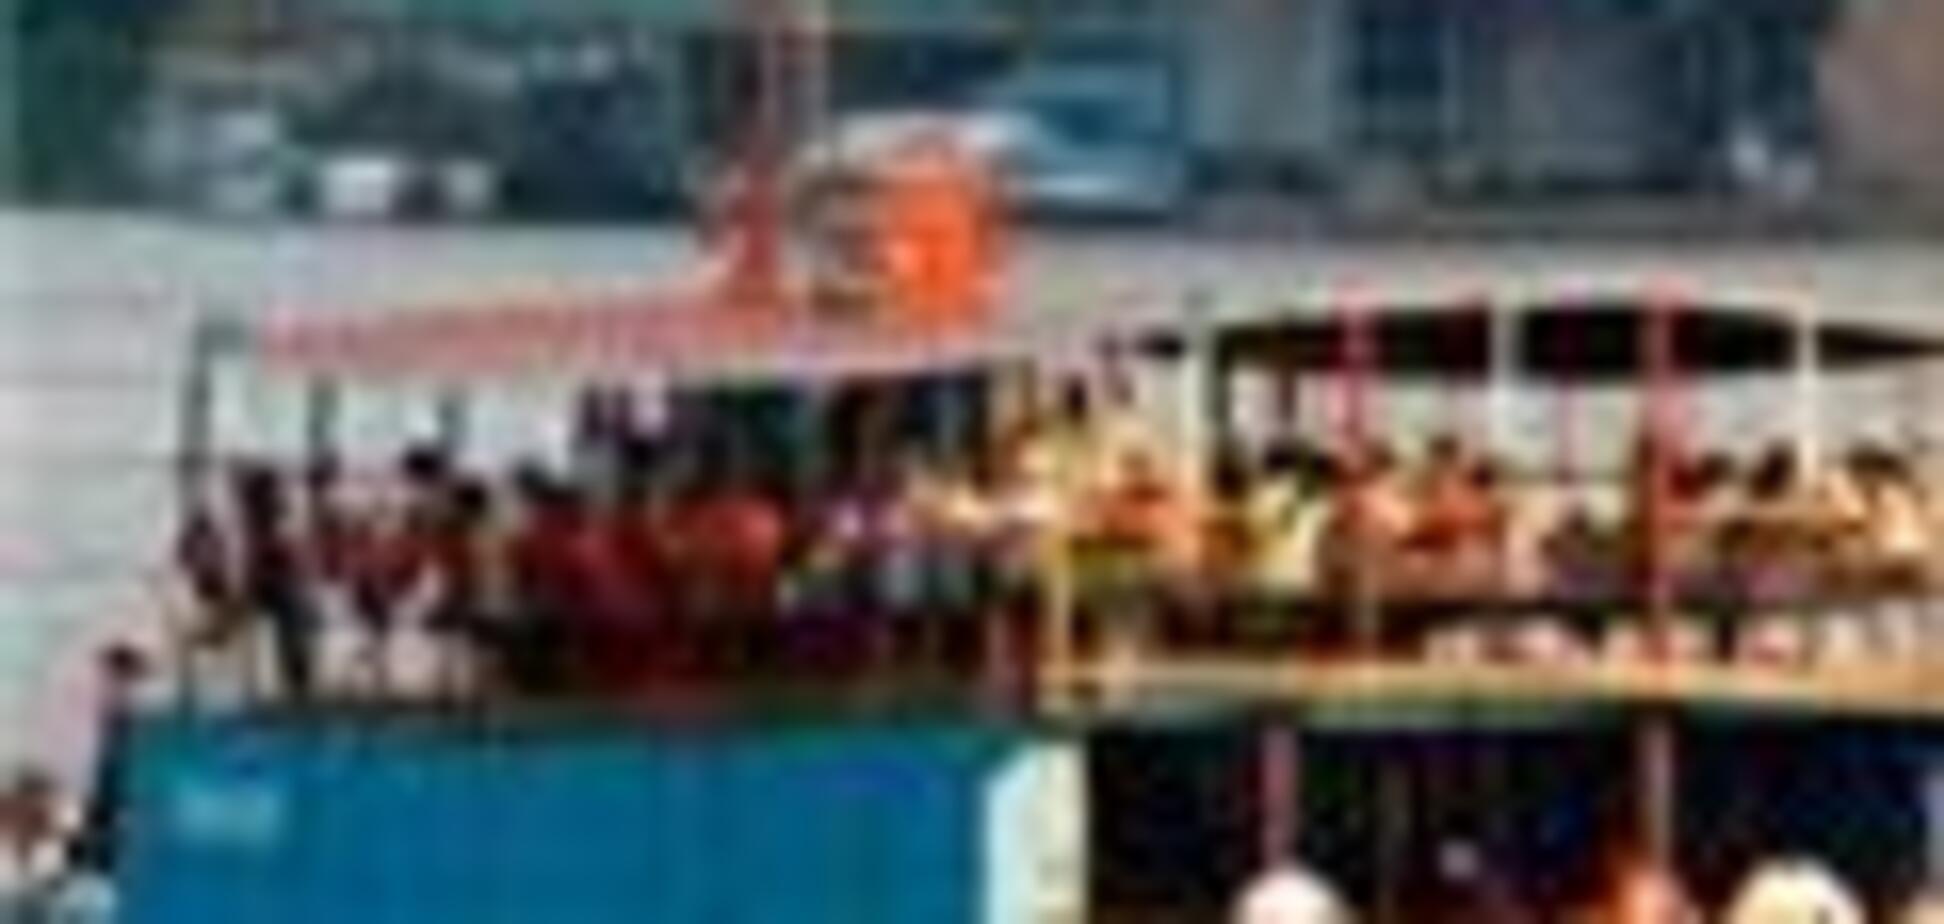 У результаті аварії порома загинуло 40 людей